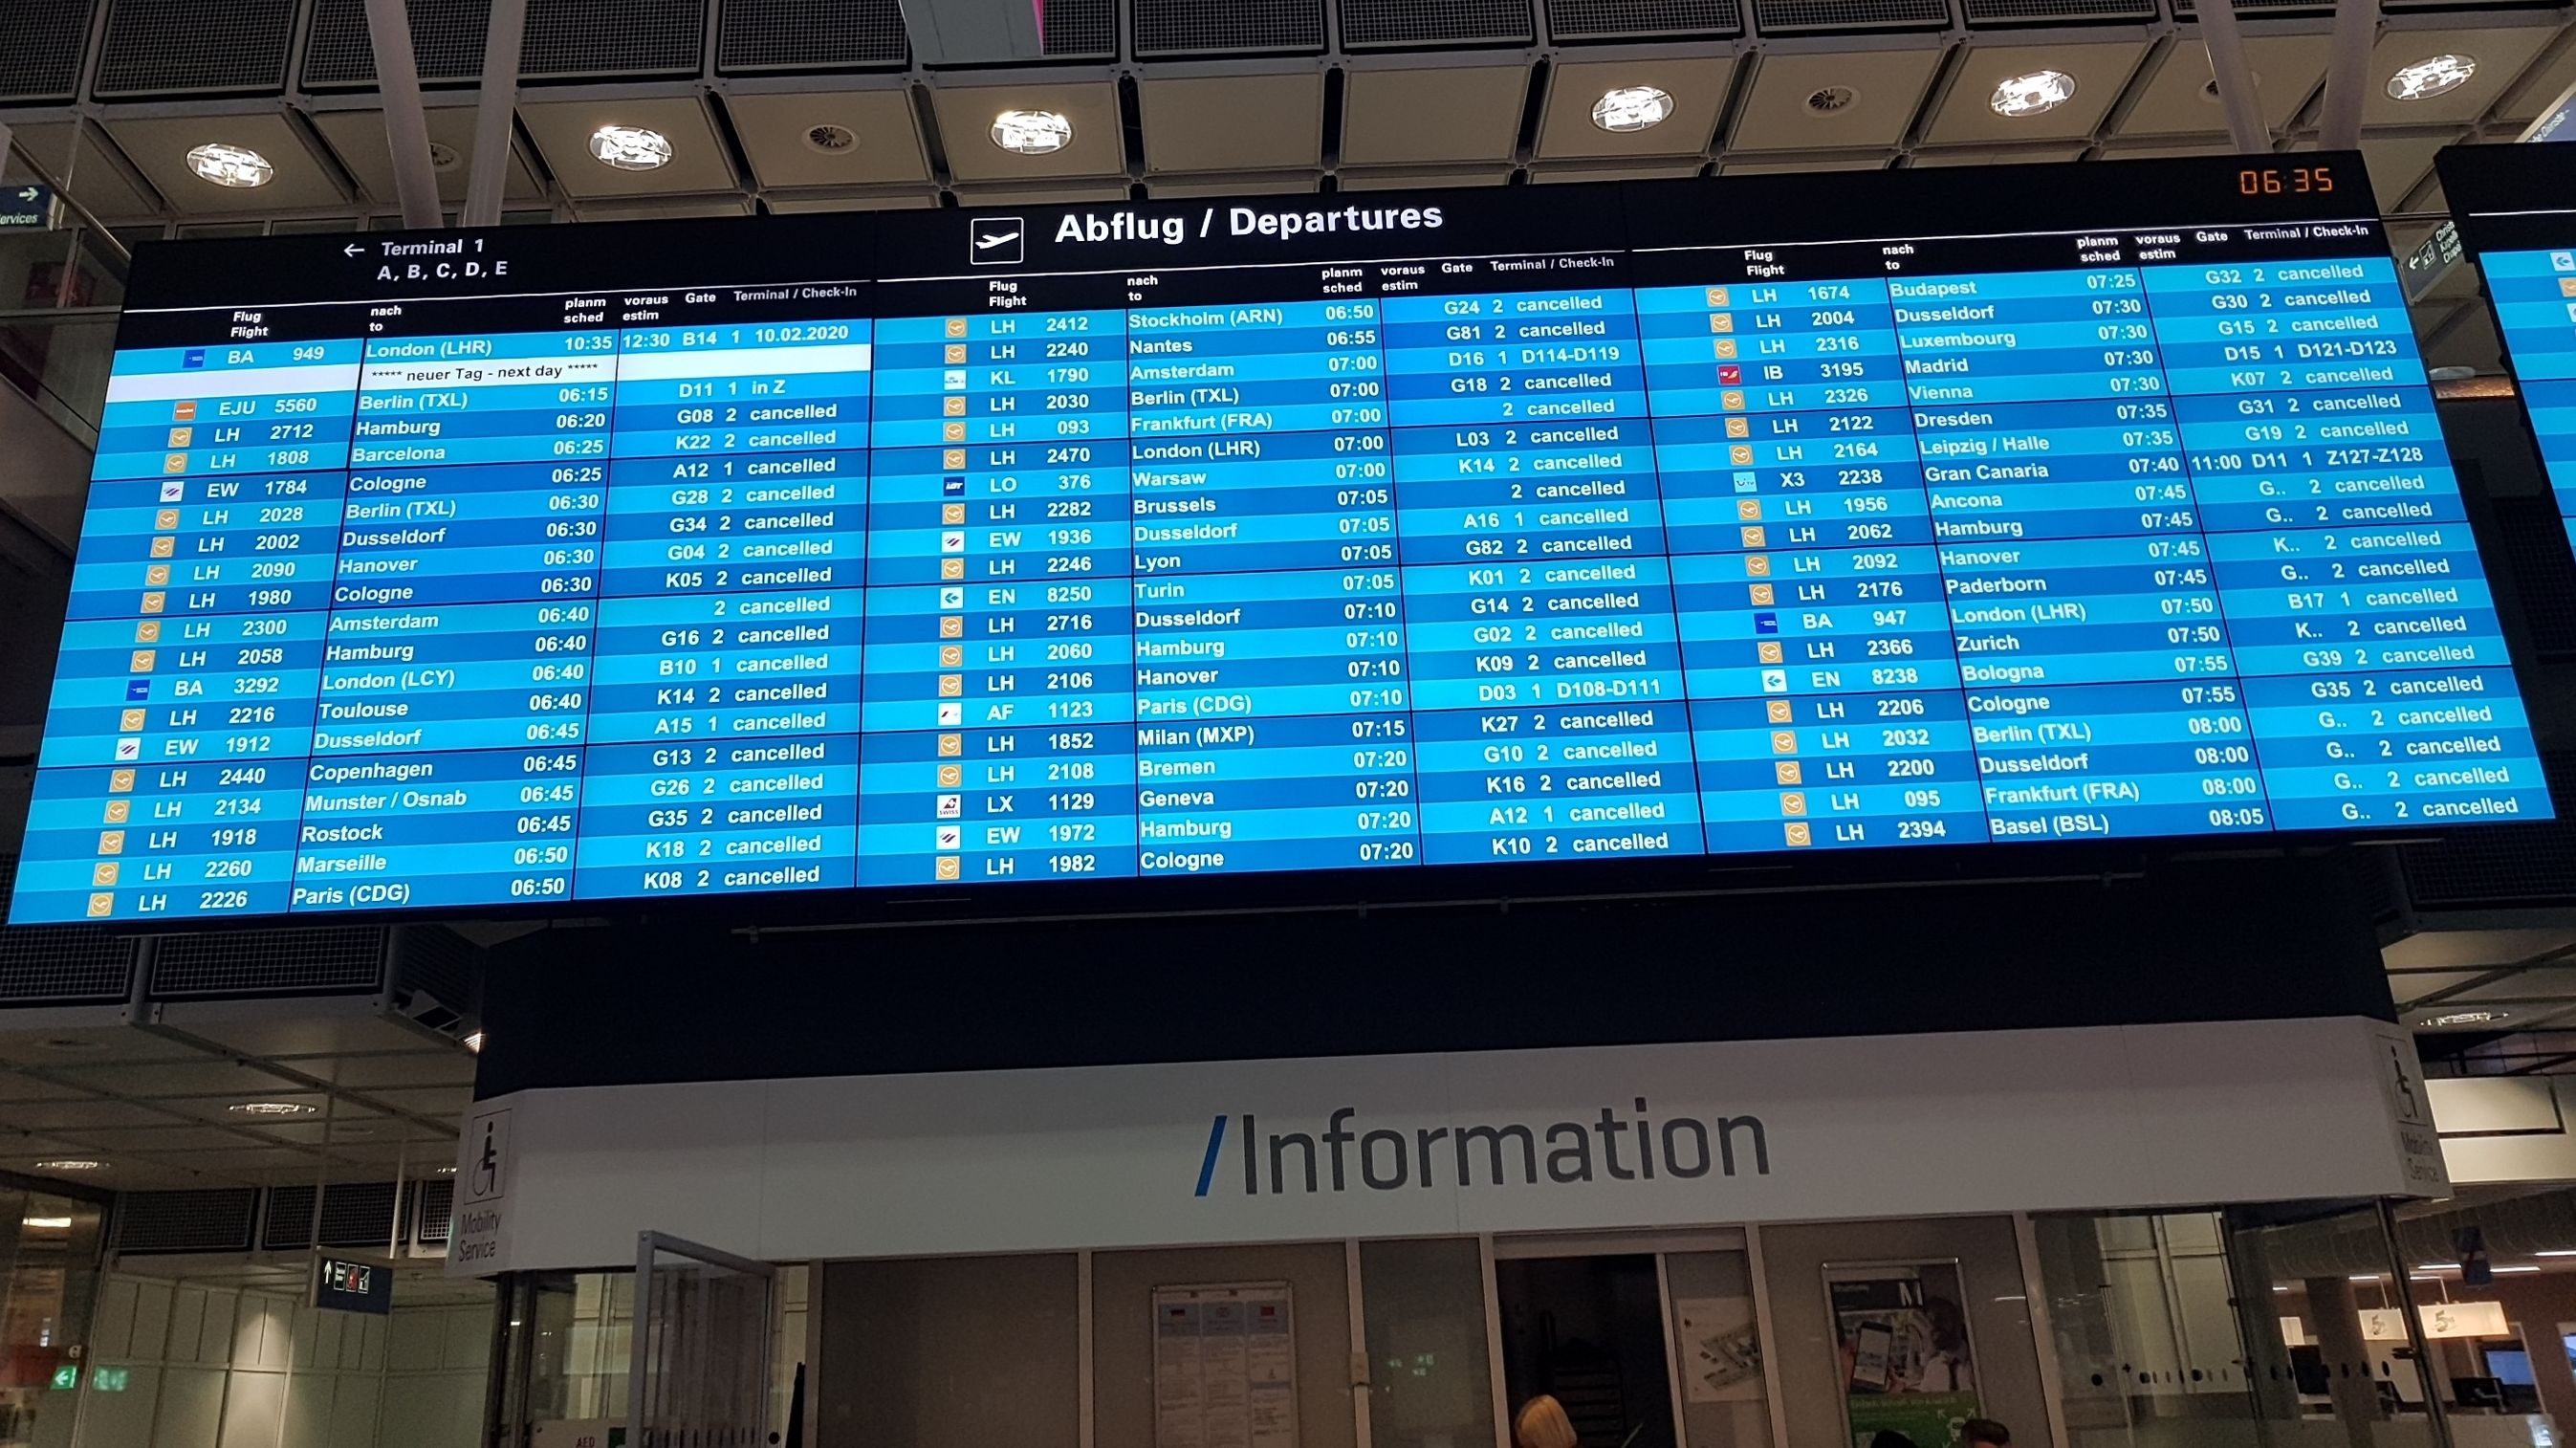 Am Flughafen München sind alle Flüge am Montagvormittag annulliert.